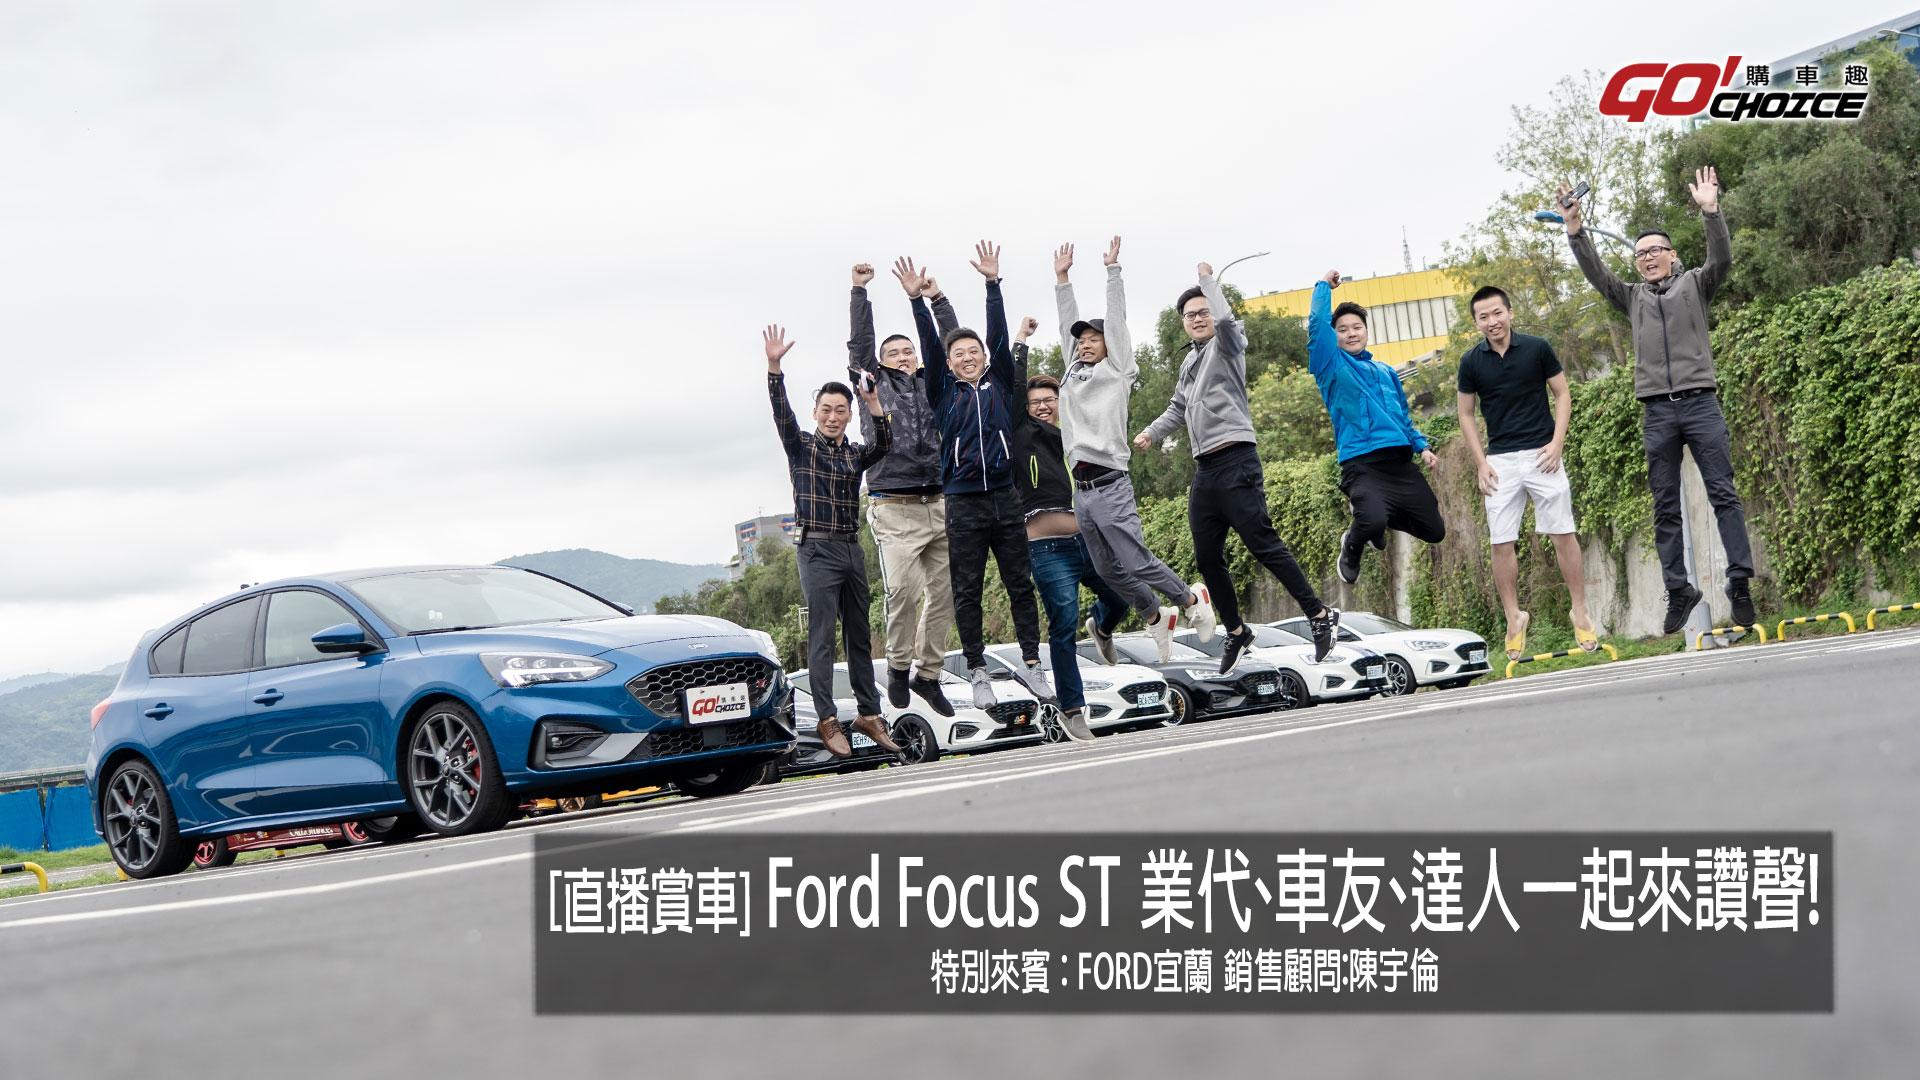 業代賞車-Focus ST 車友們及達人一同來欣賞及推薦喔!銷售顧問-Ford宜蘭_陳宇倫